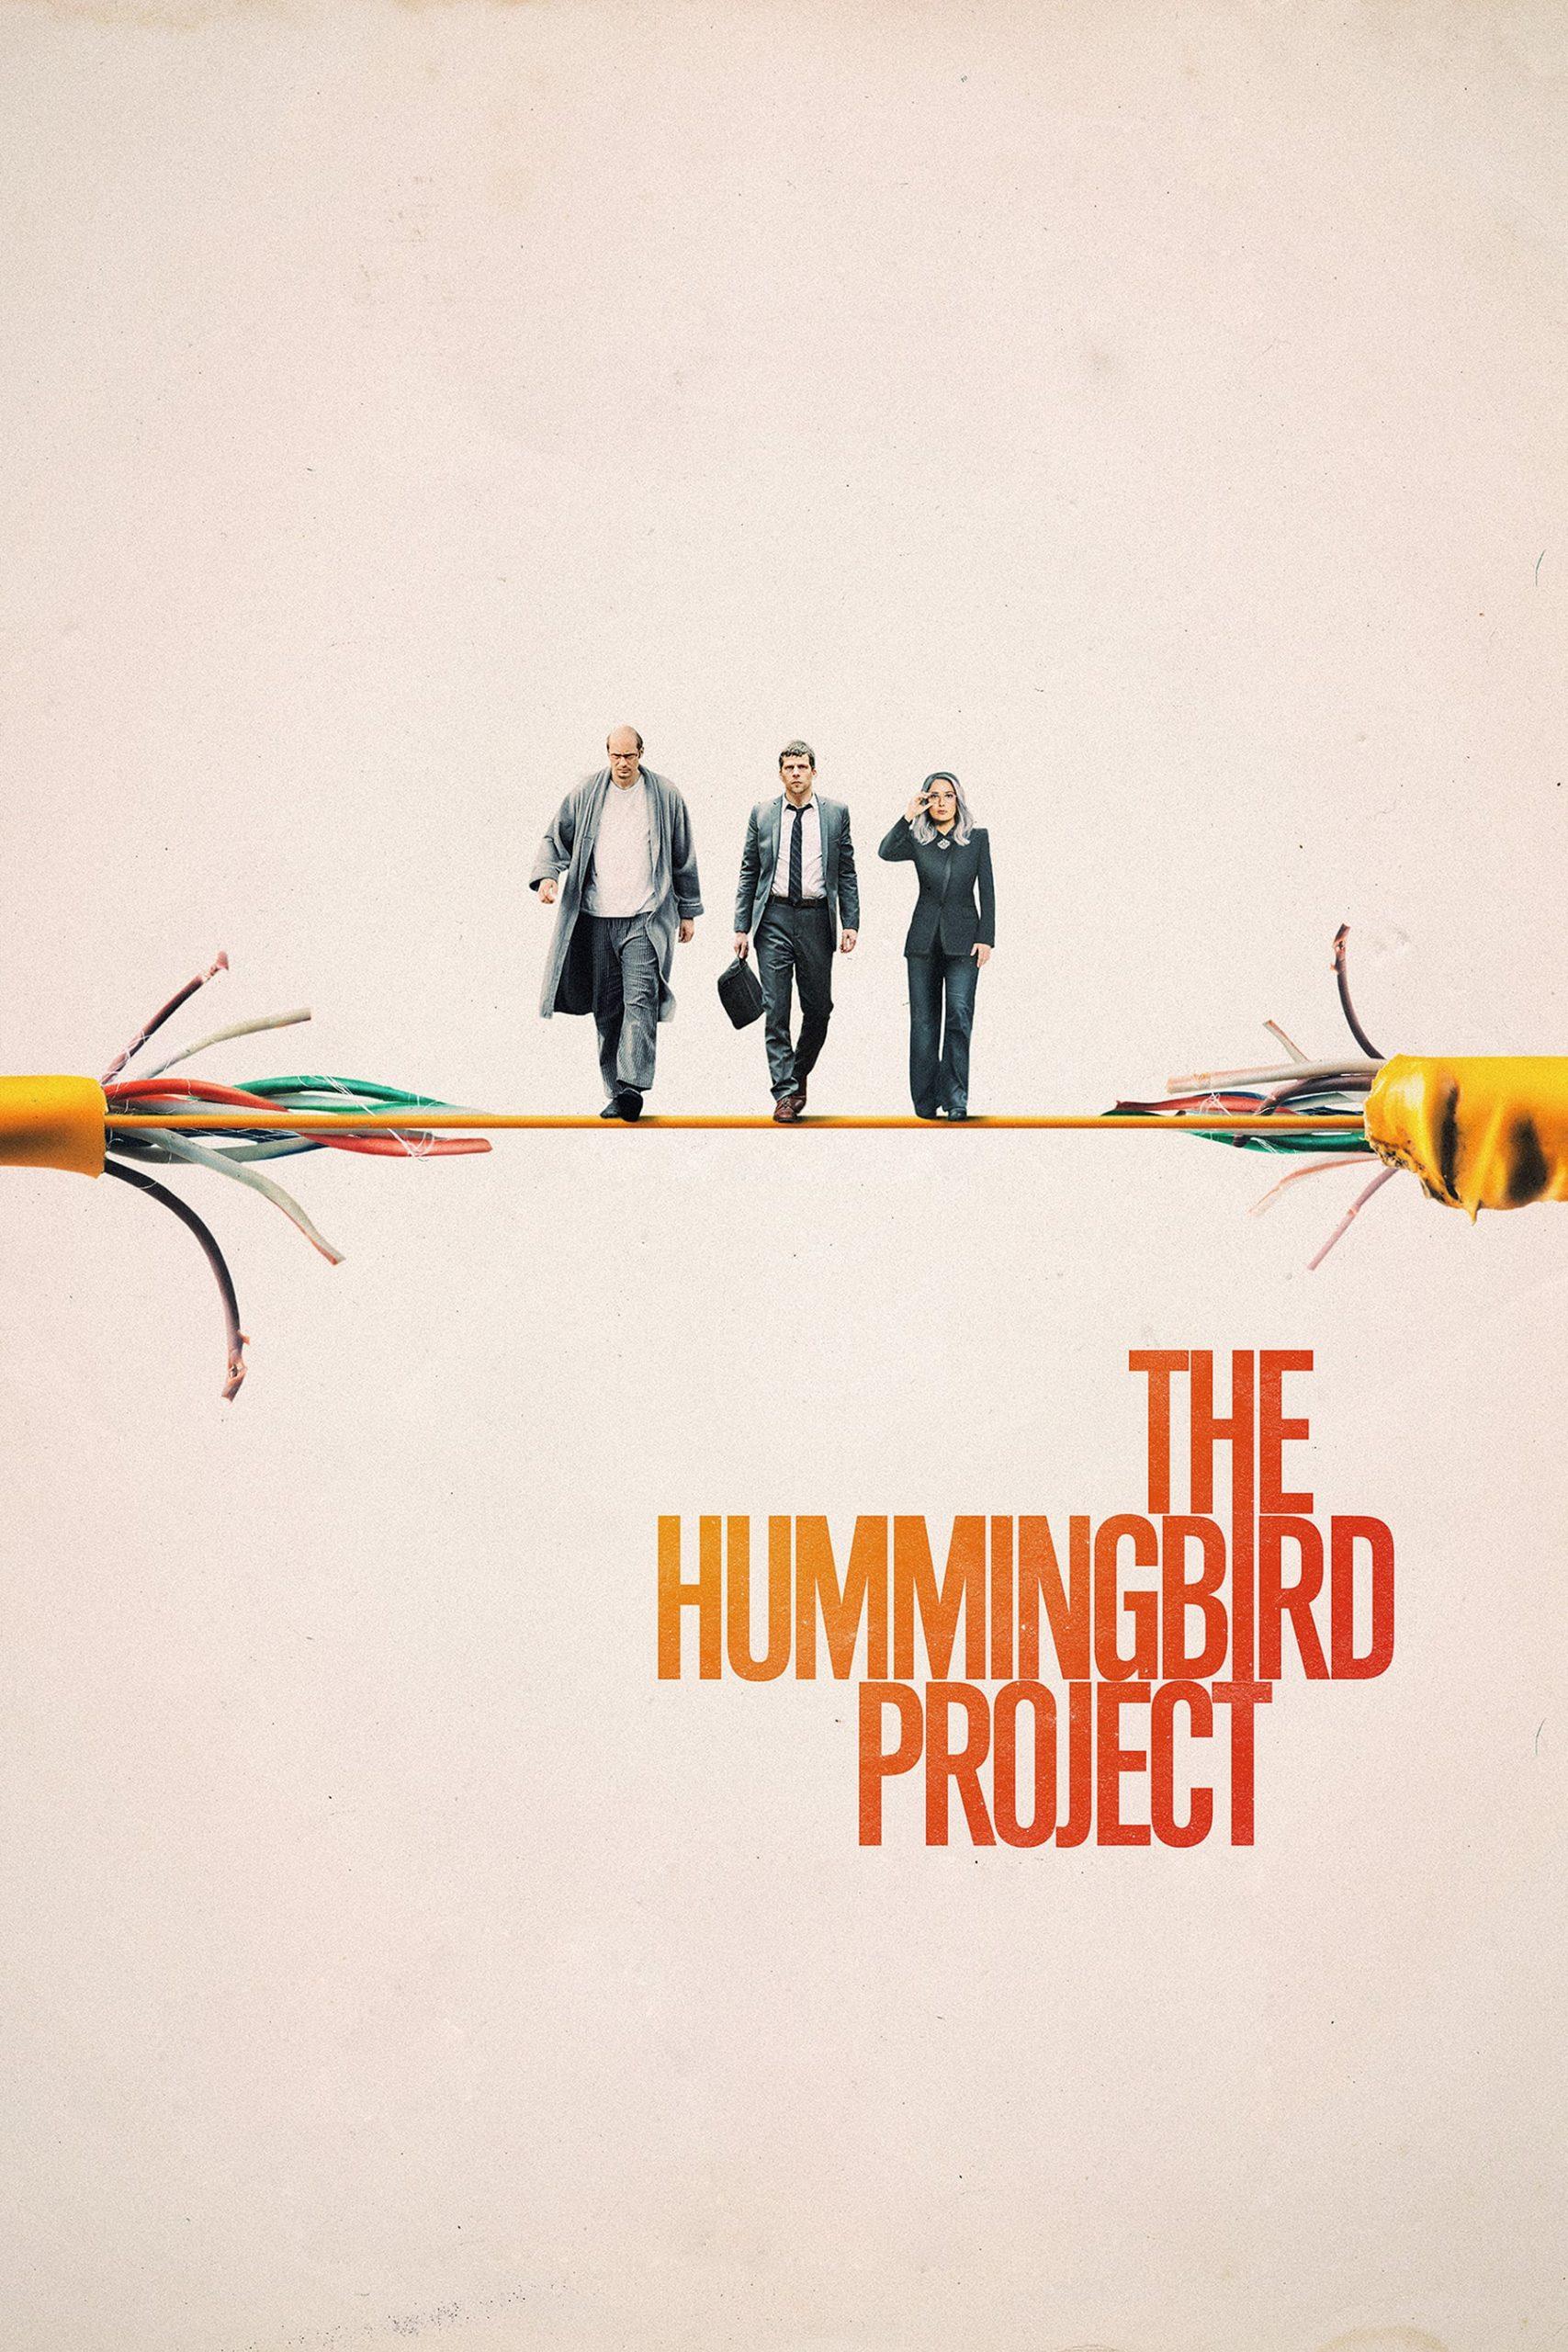 دانلود فیلم The Hummingbird Project 2018